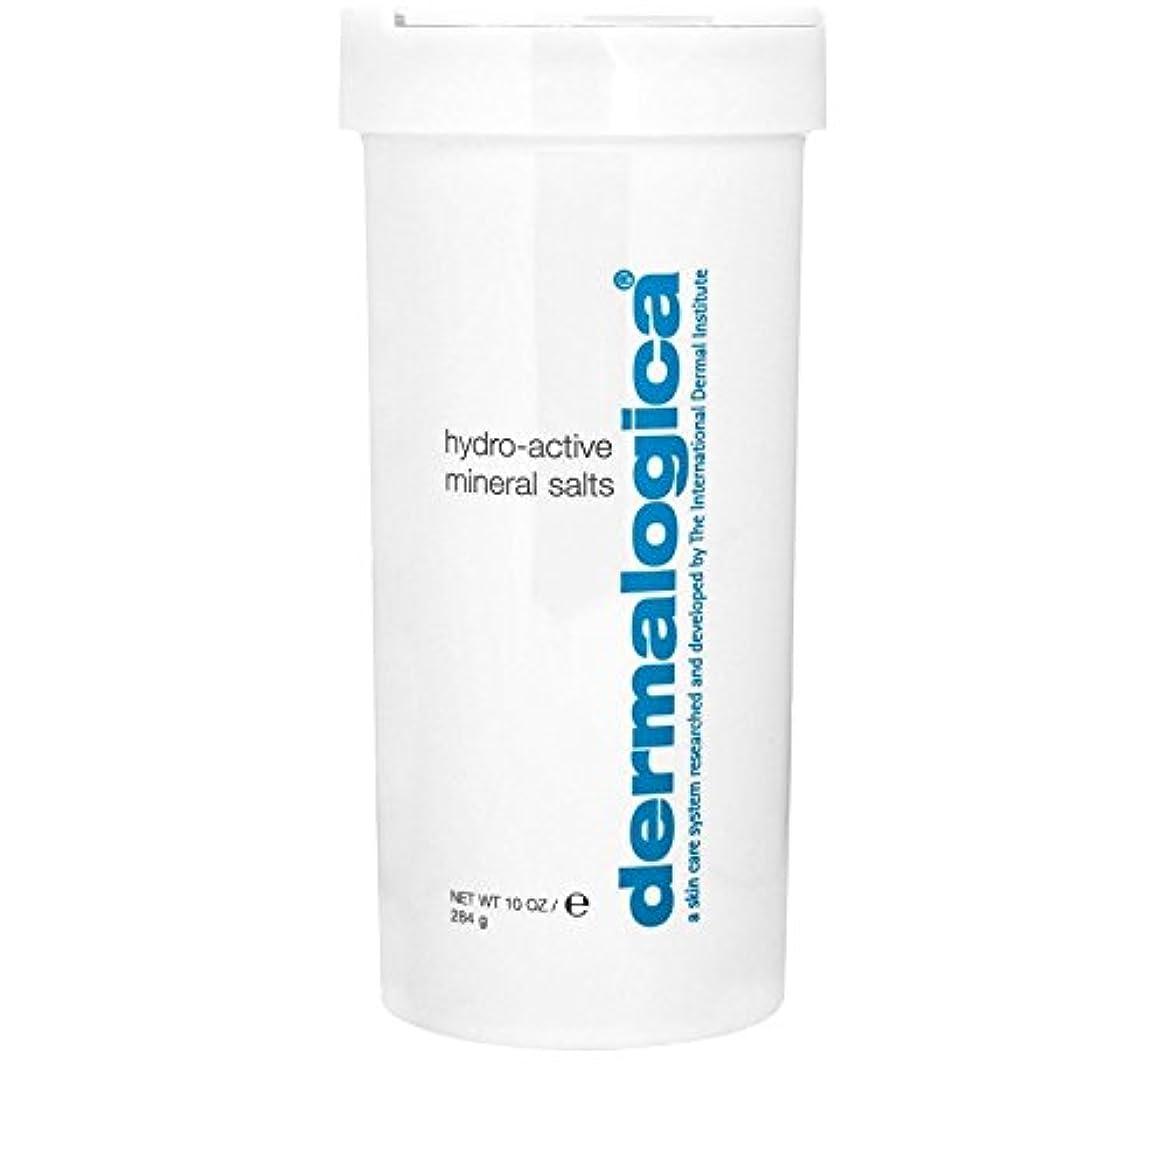 スロット行方不明熱心なダーマロジカ水力アクティブミネラル塩284グラム x4 - Dermalogica Hydro Active Mineral Salt 284g (Pack of 4) [並行輸入品]